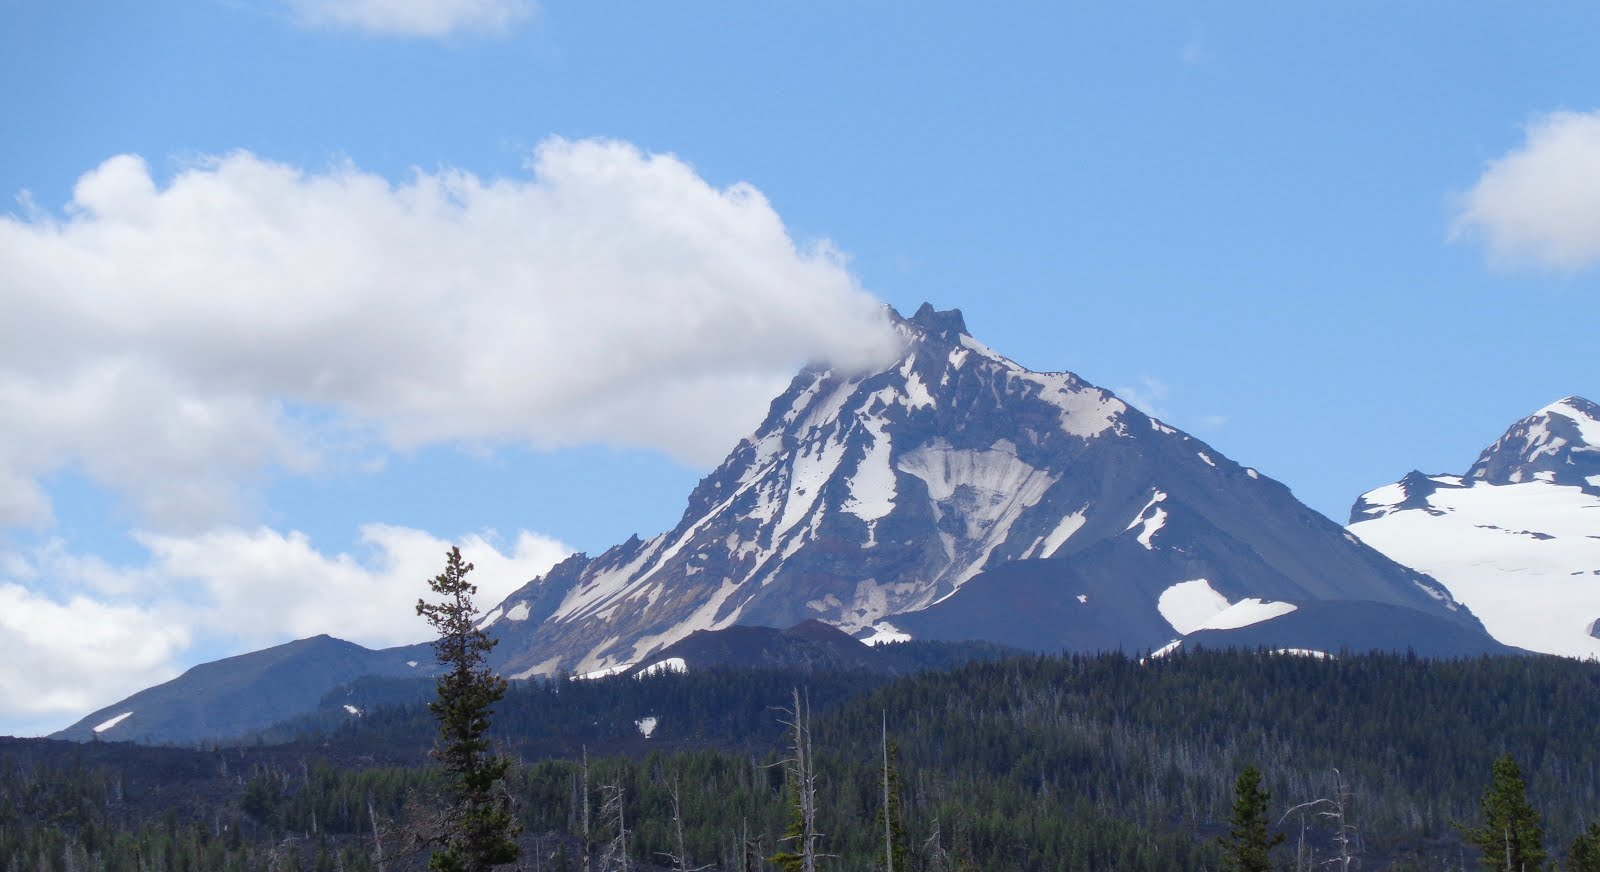 Central Oregon Cascades - Central Oregon Coast